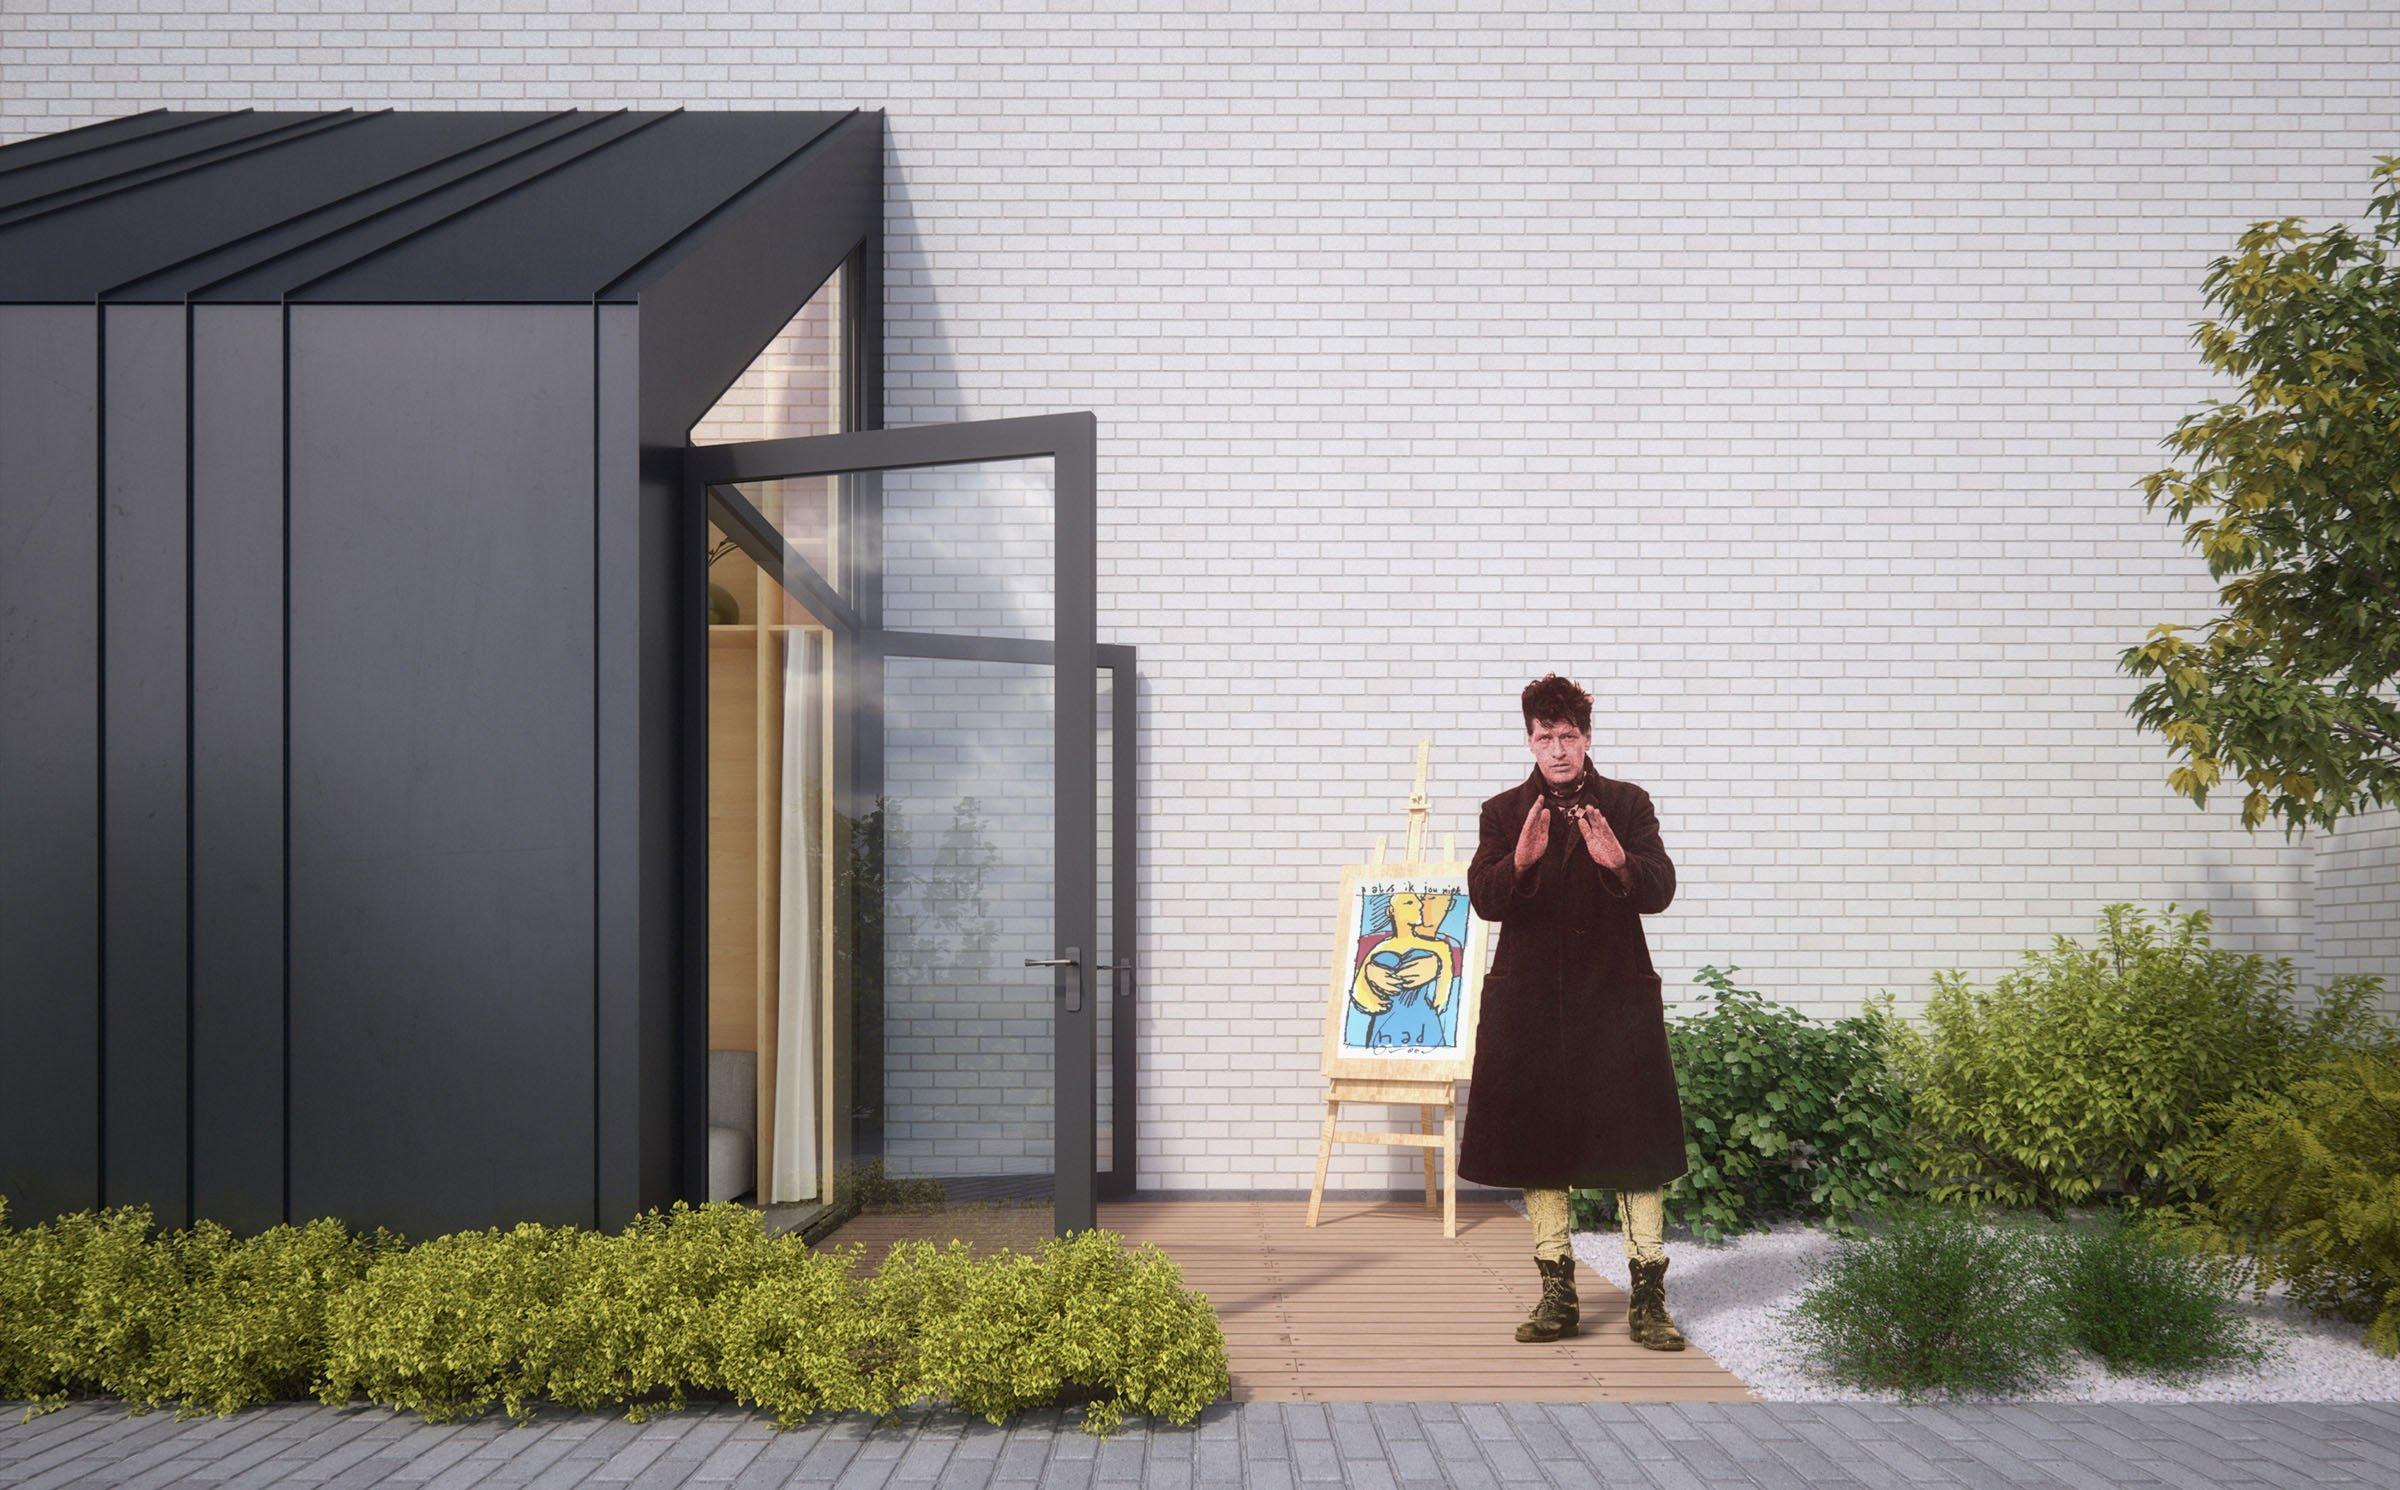 StudioKomma-AtelierAL-Deventer-Verbouwing